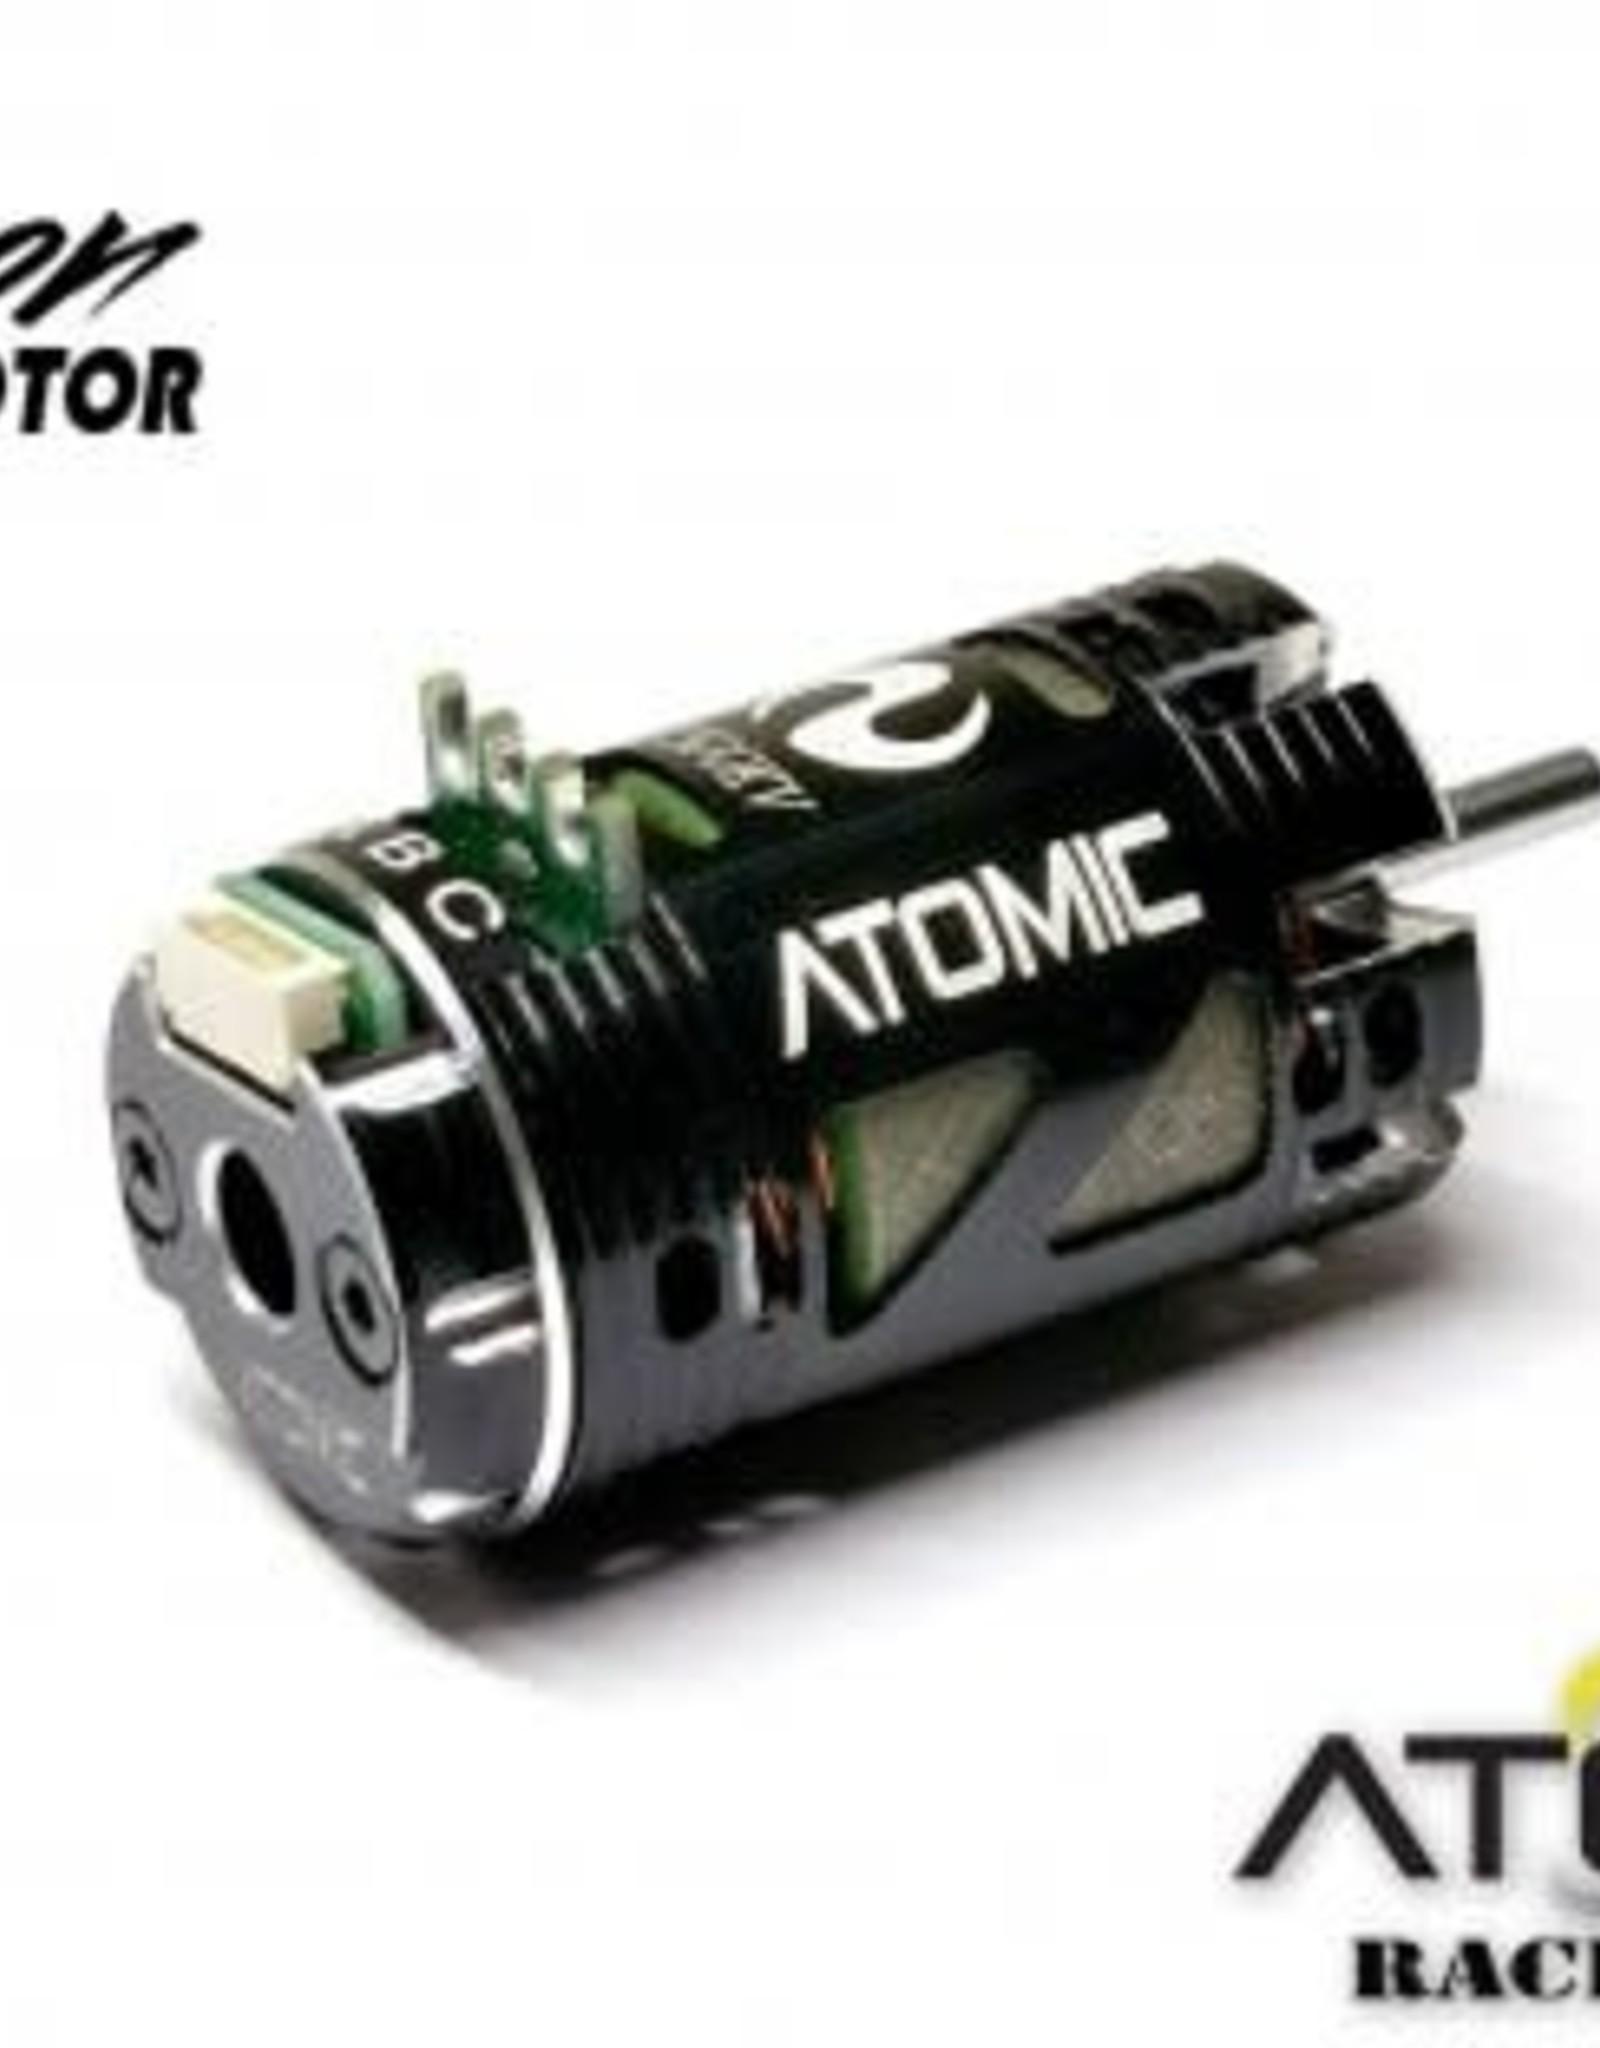 Atomic Zenon Sensored Brushless Motor (5500KV)